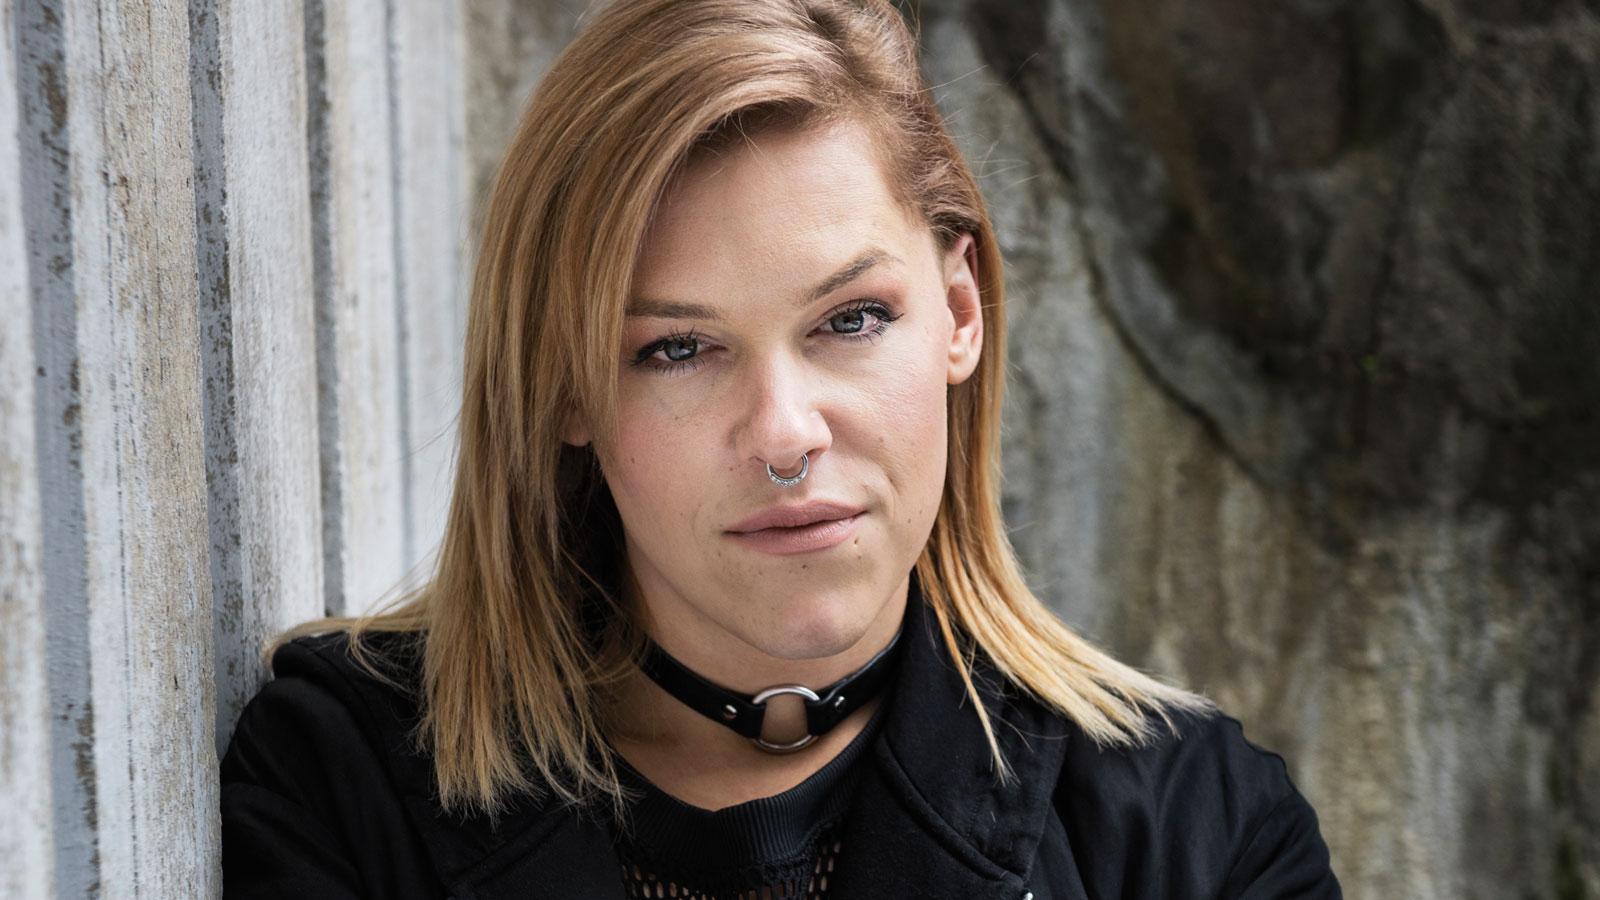 lösbröst för transvestiter free svensk